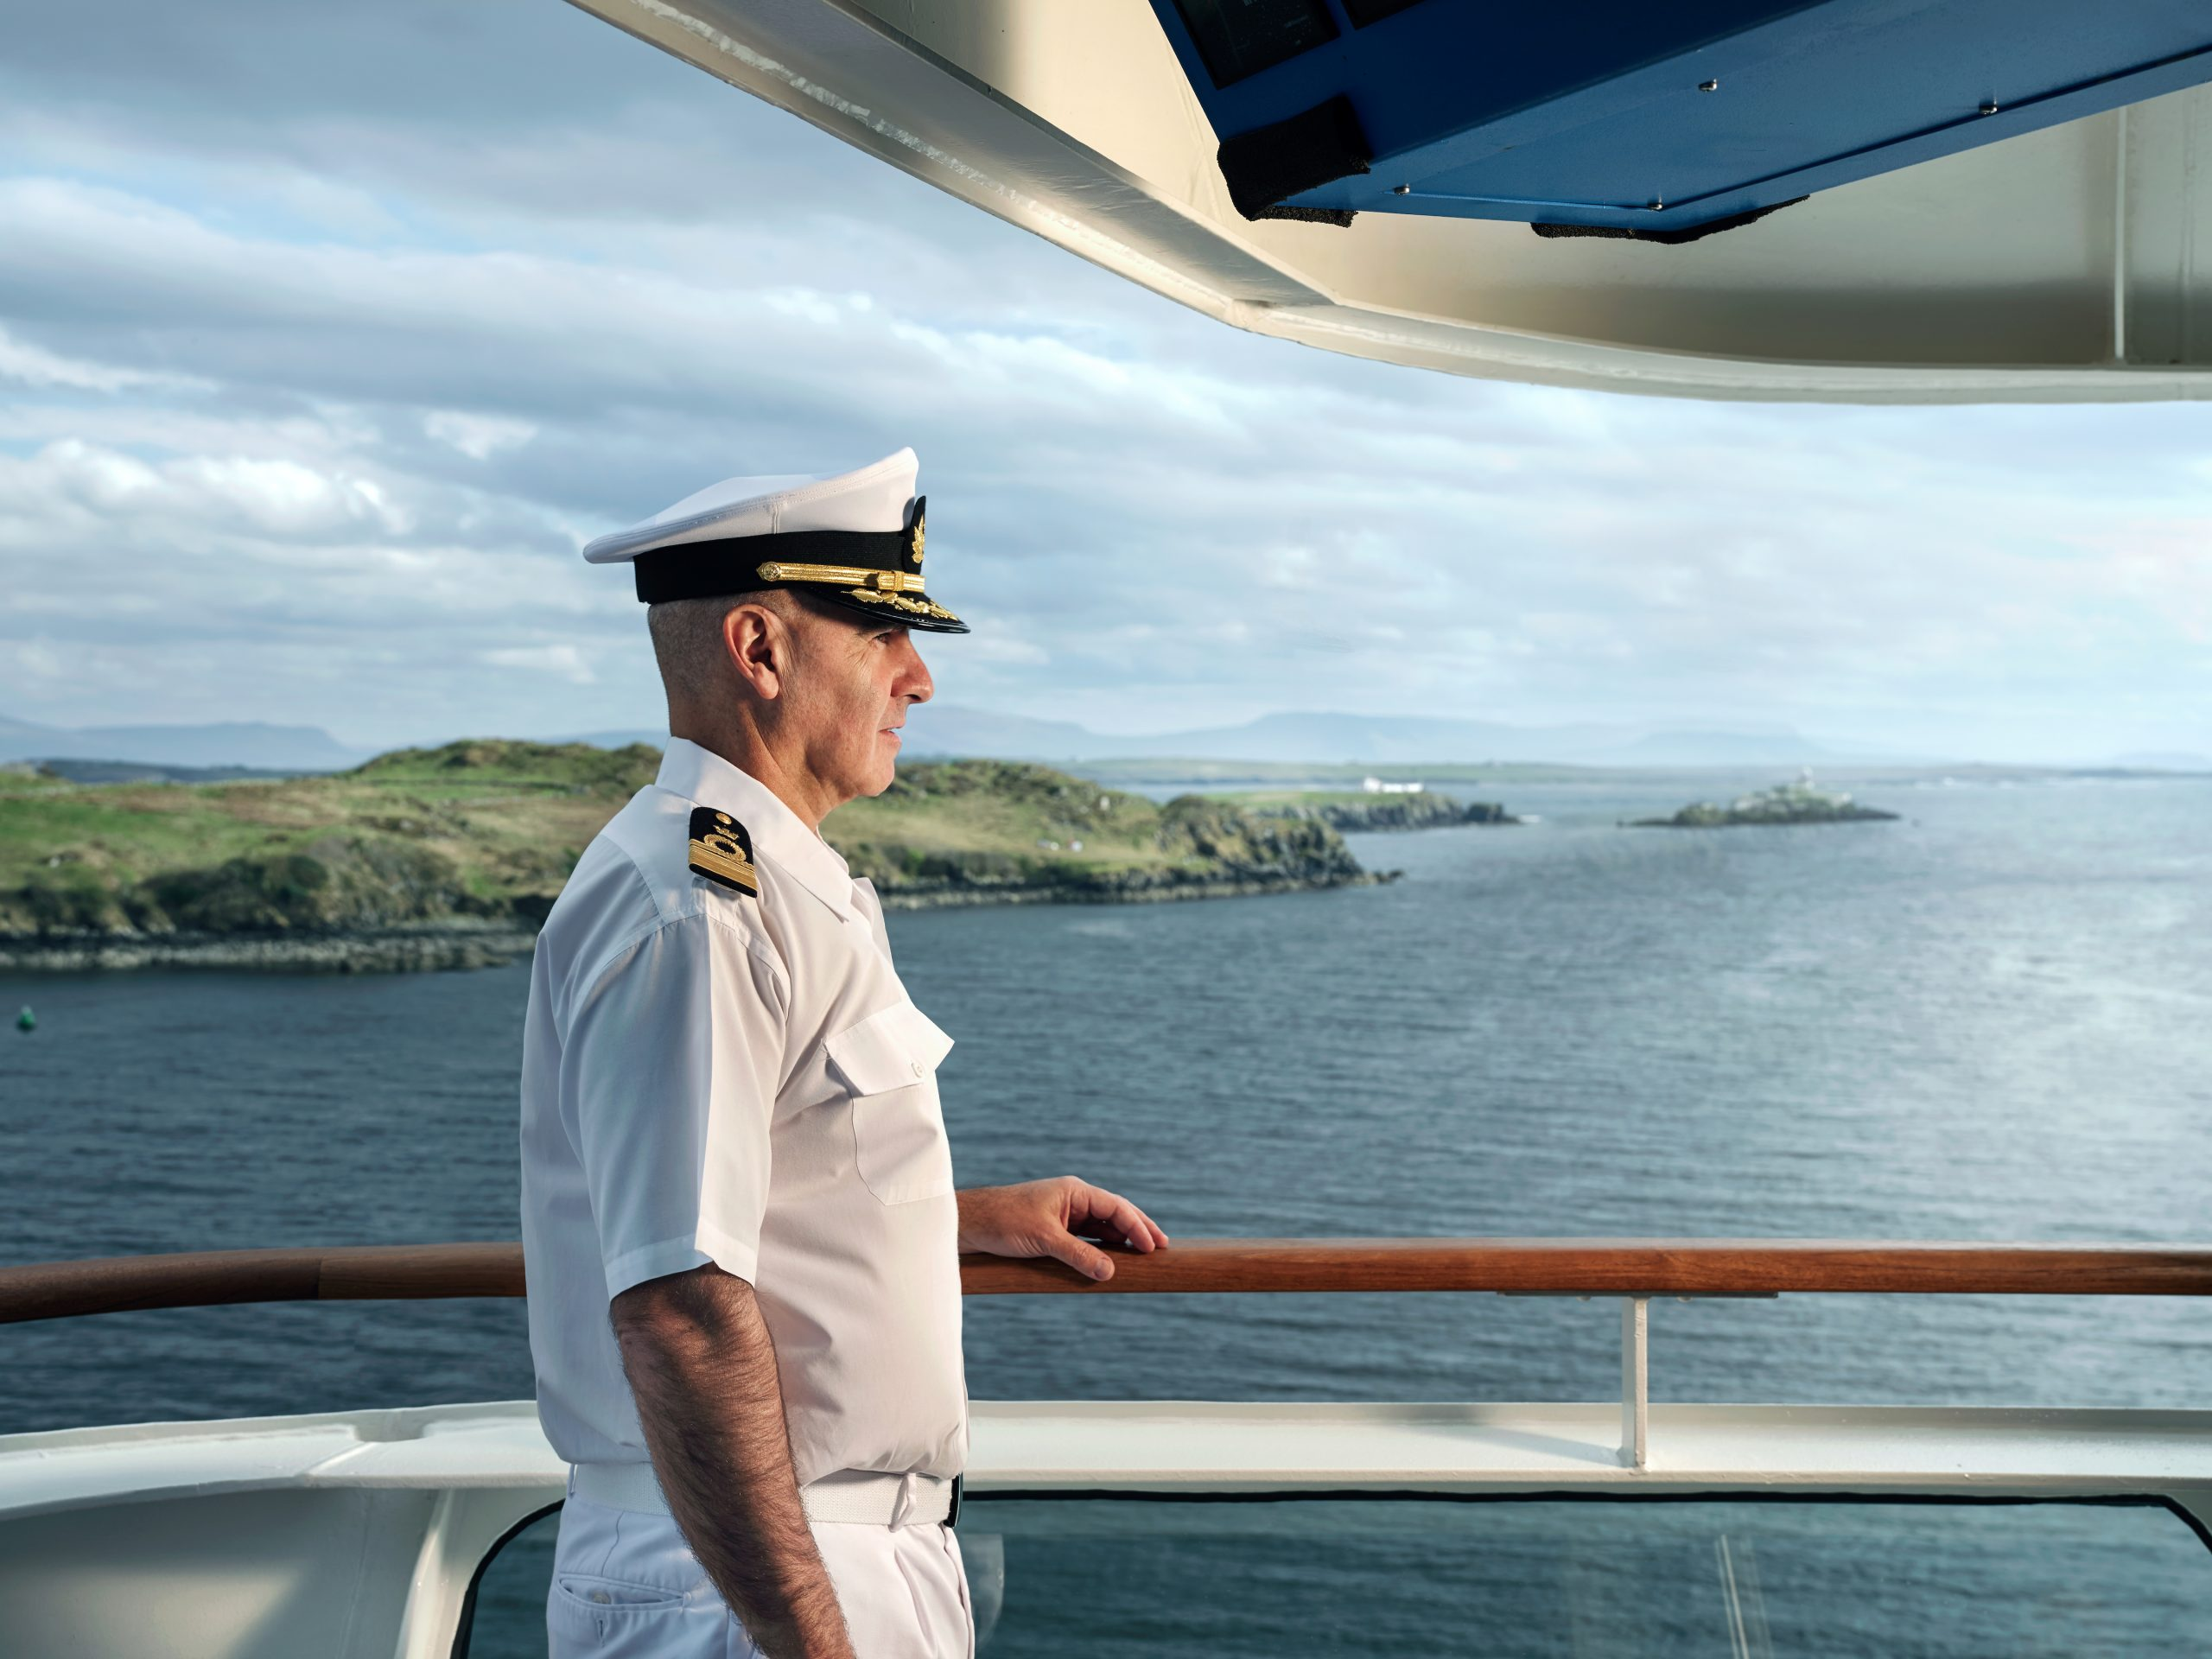 Silversea Cruises udvider næste år sin servicepakke til også at omfatte afhentning i hjemmet før krydstogtet. Pressefoto: Silversea Cruises.